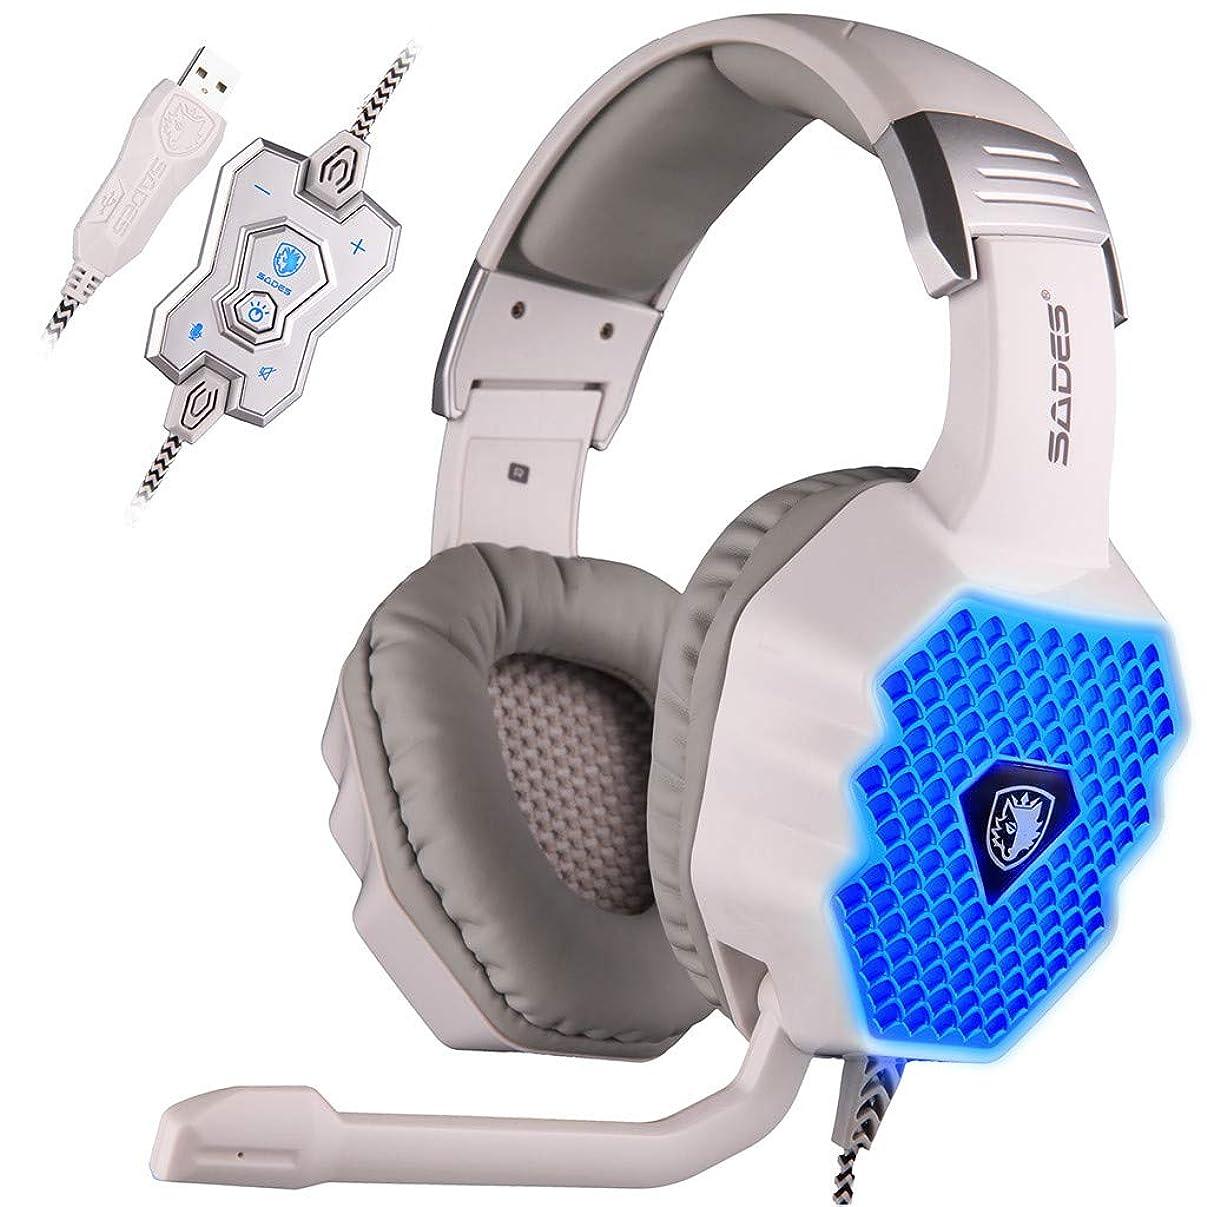 速い芽パテSADES A70ヘッドホン、グレー 呼吸ランプコンピュータゲーム有線ヘッドセットマイクUSB7.1ヘッドフォン サウンドカード付きUSBインターフェース 世界初の波状6色変換呼吸ランプ! 新しくアップグレードされたセグメント化されたヘッドビームインナーパッド、より快適な装着効果を体験 (ホワイト)